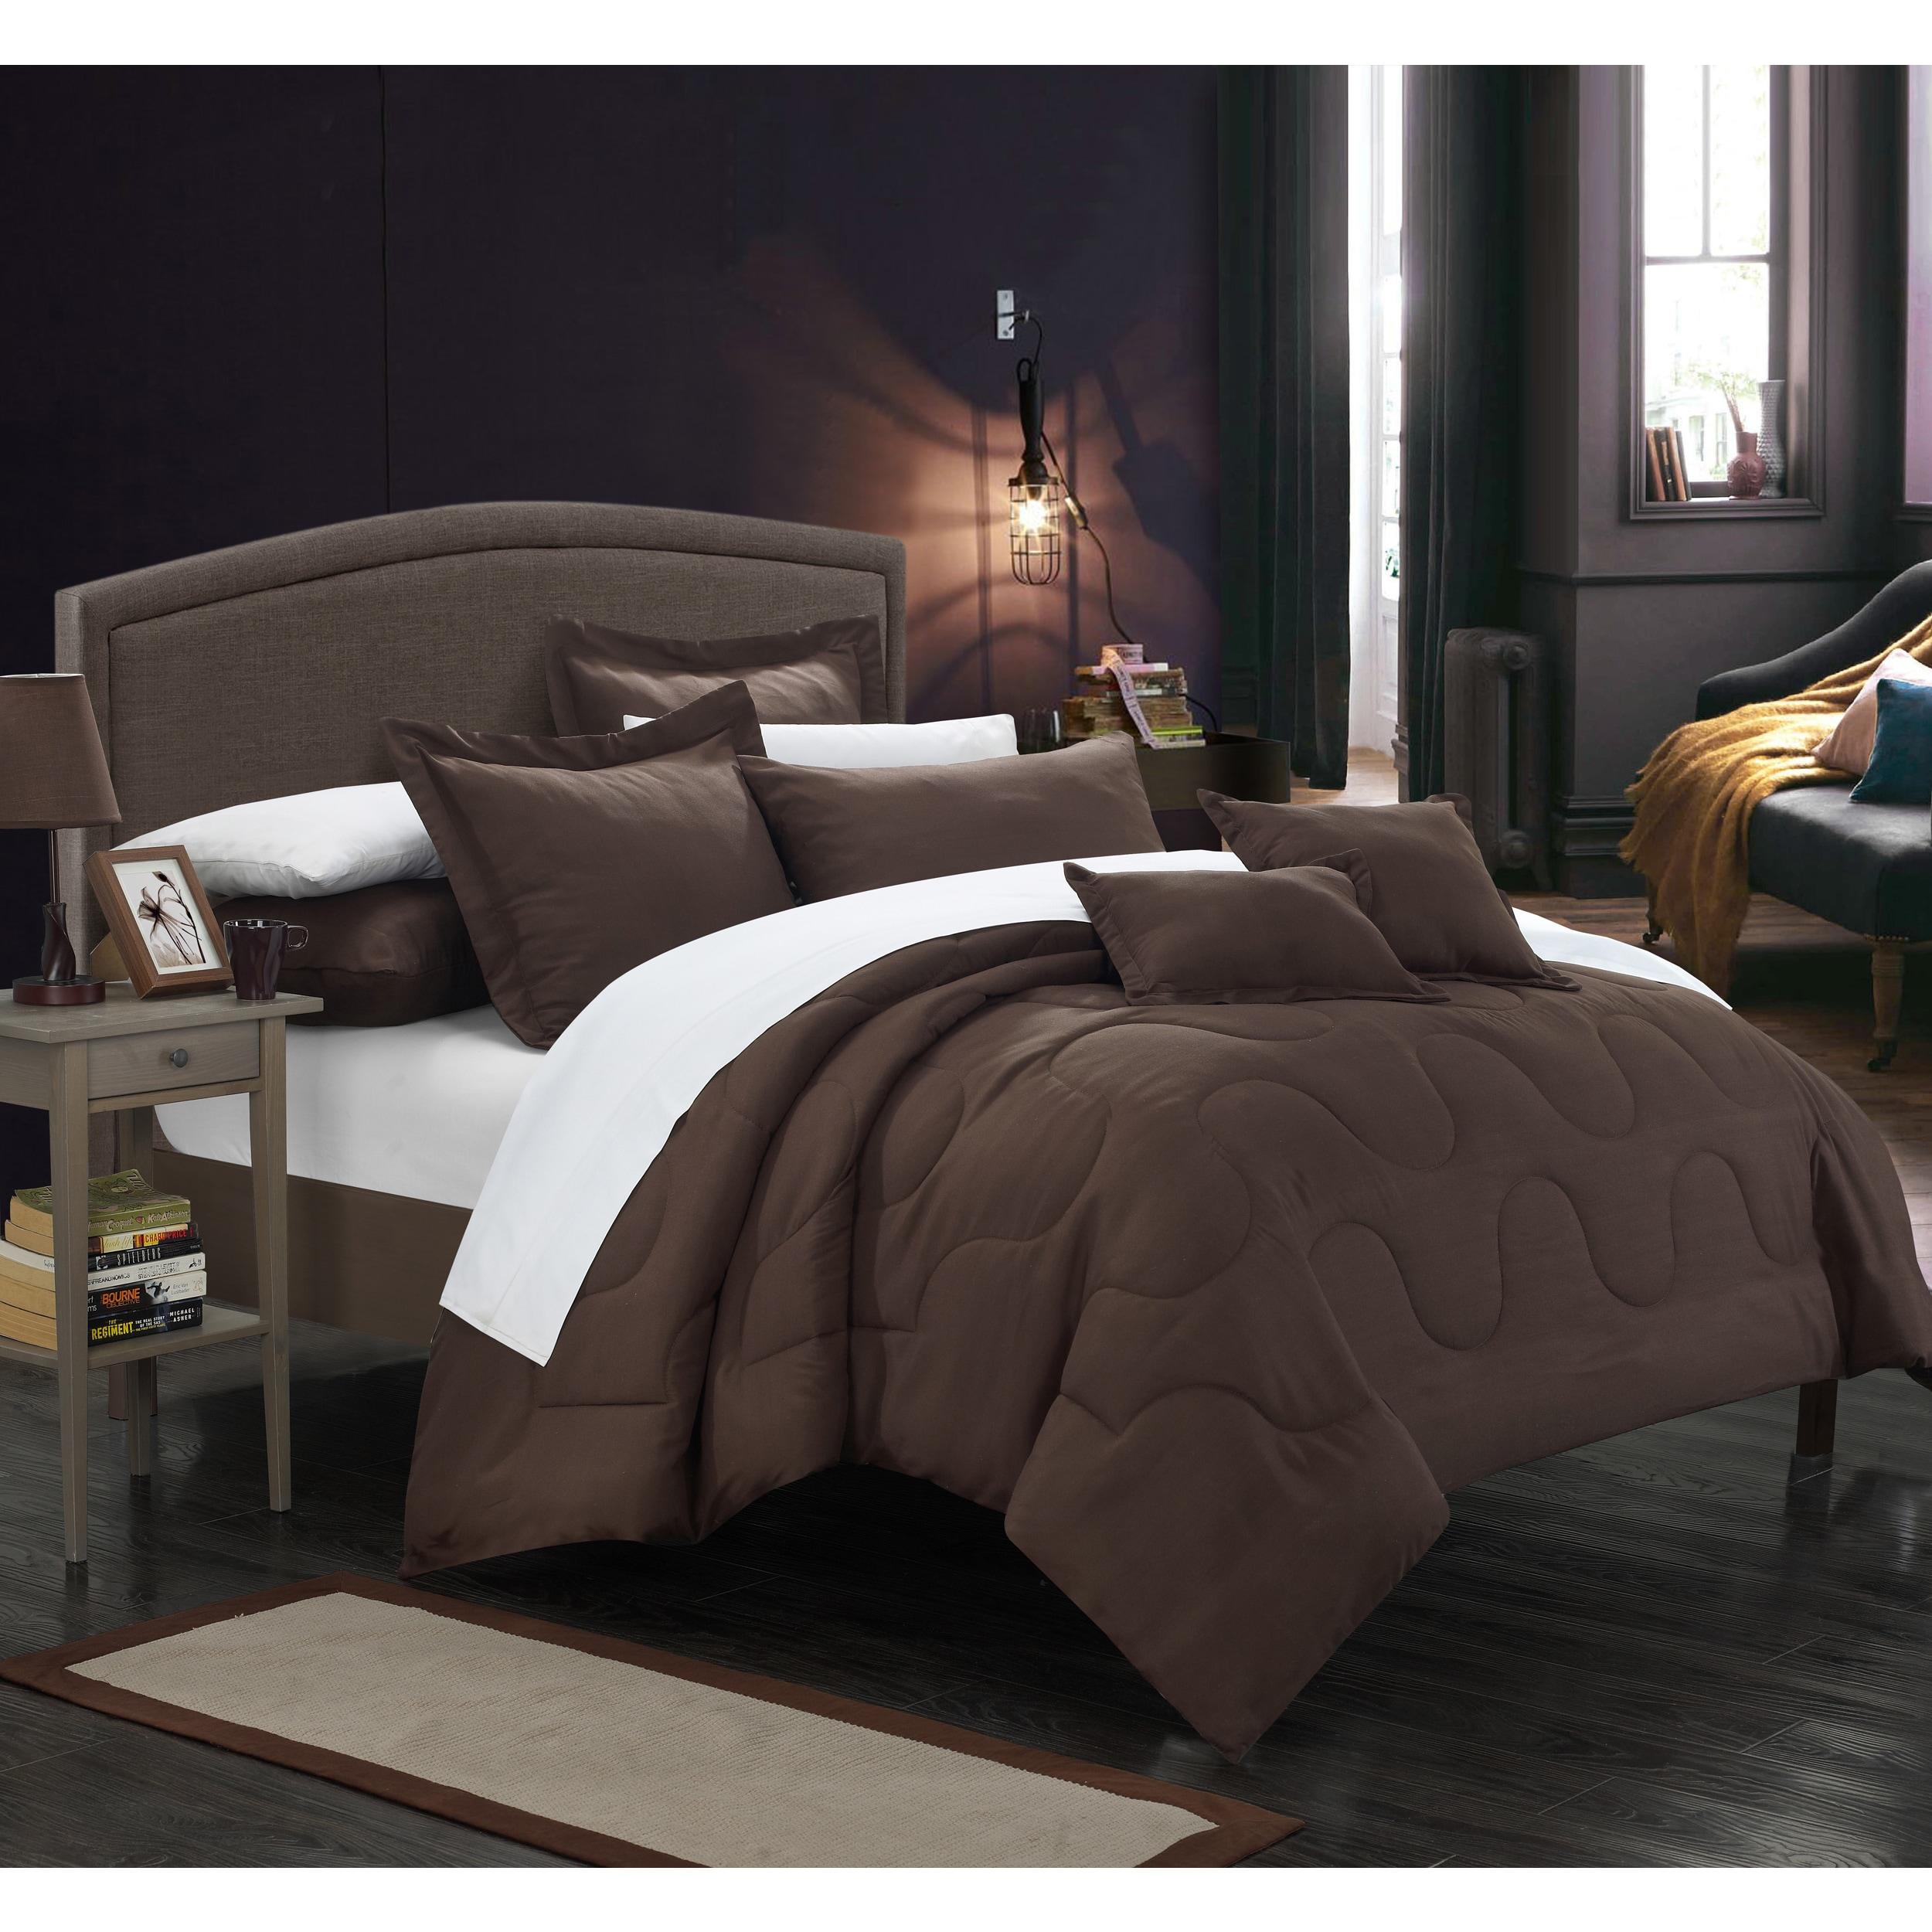 Chic Home Direllei Brown Down Alternative 7-piece Comforter Set